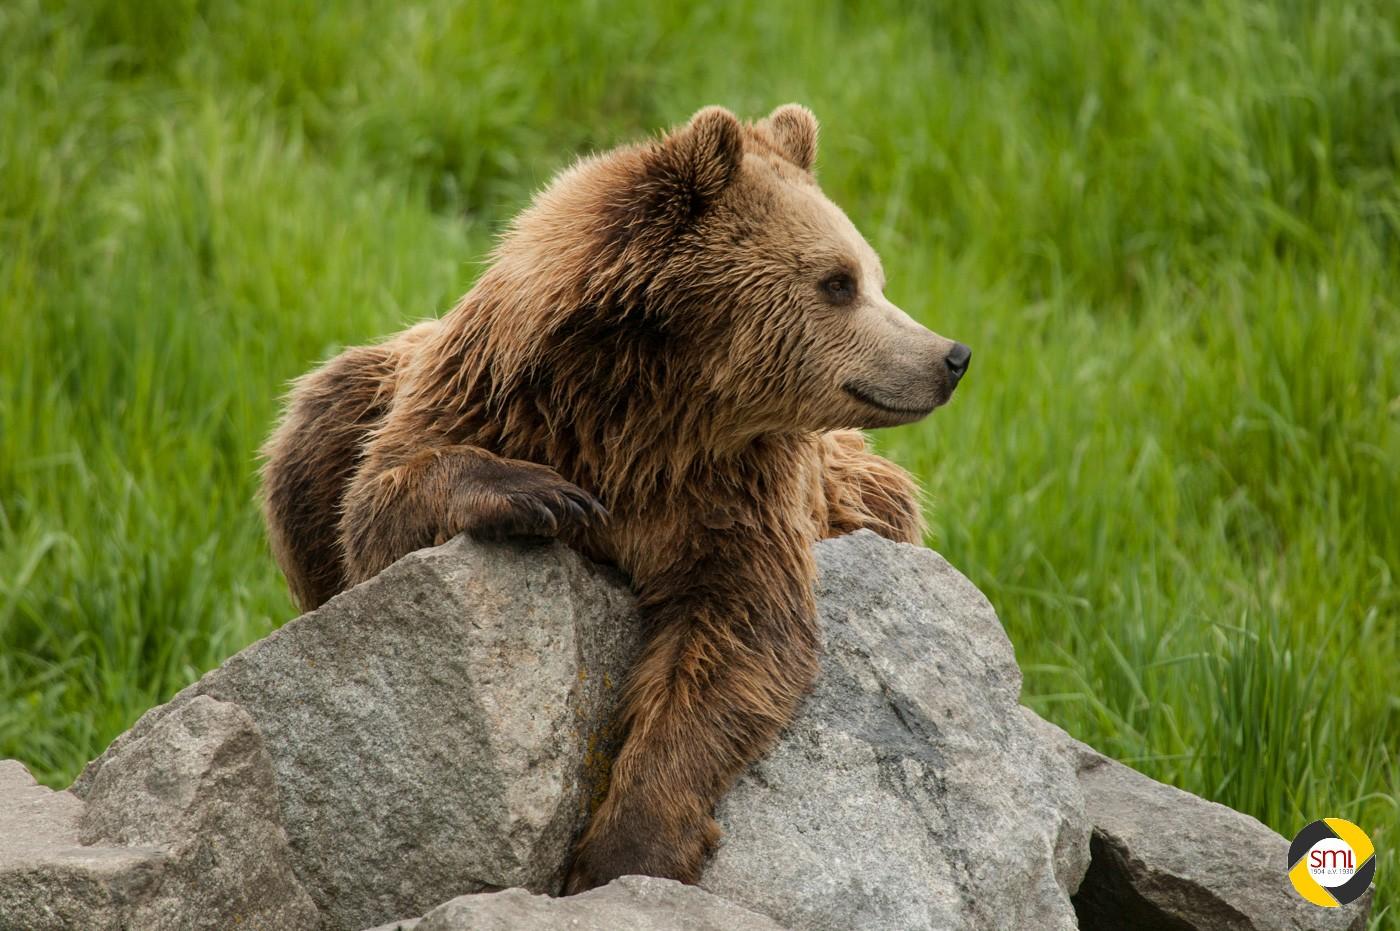 Bär © Christoph Stempfhuber